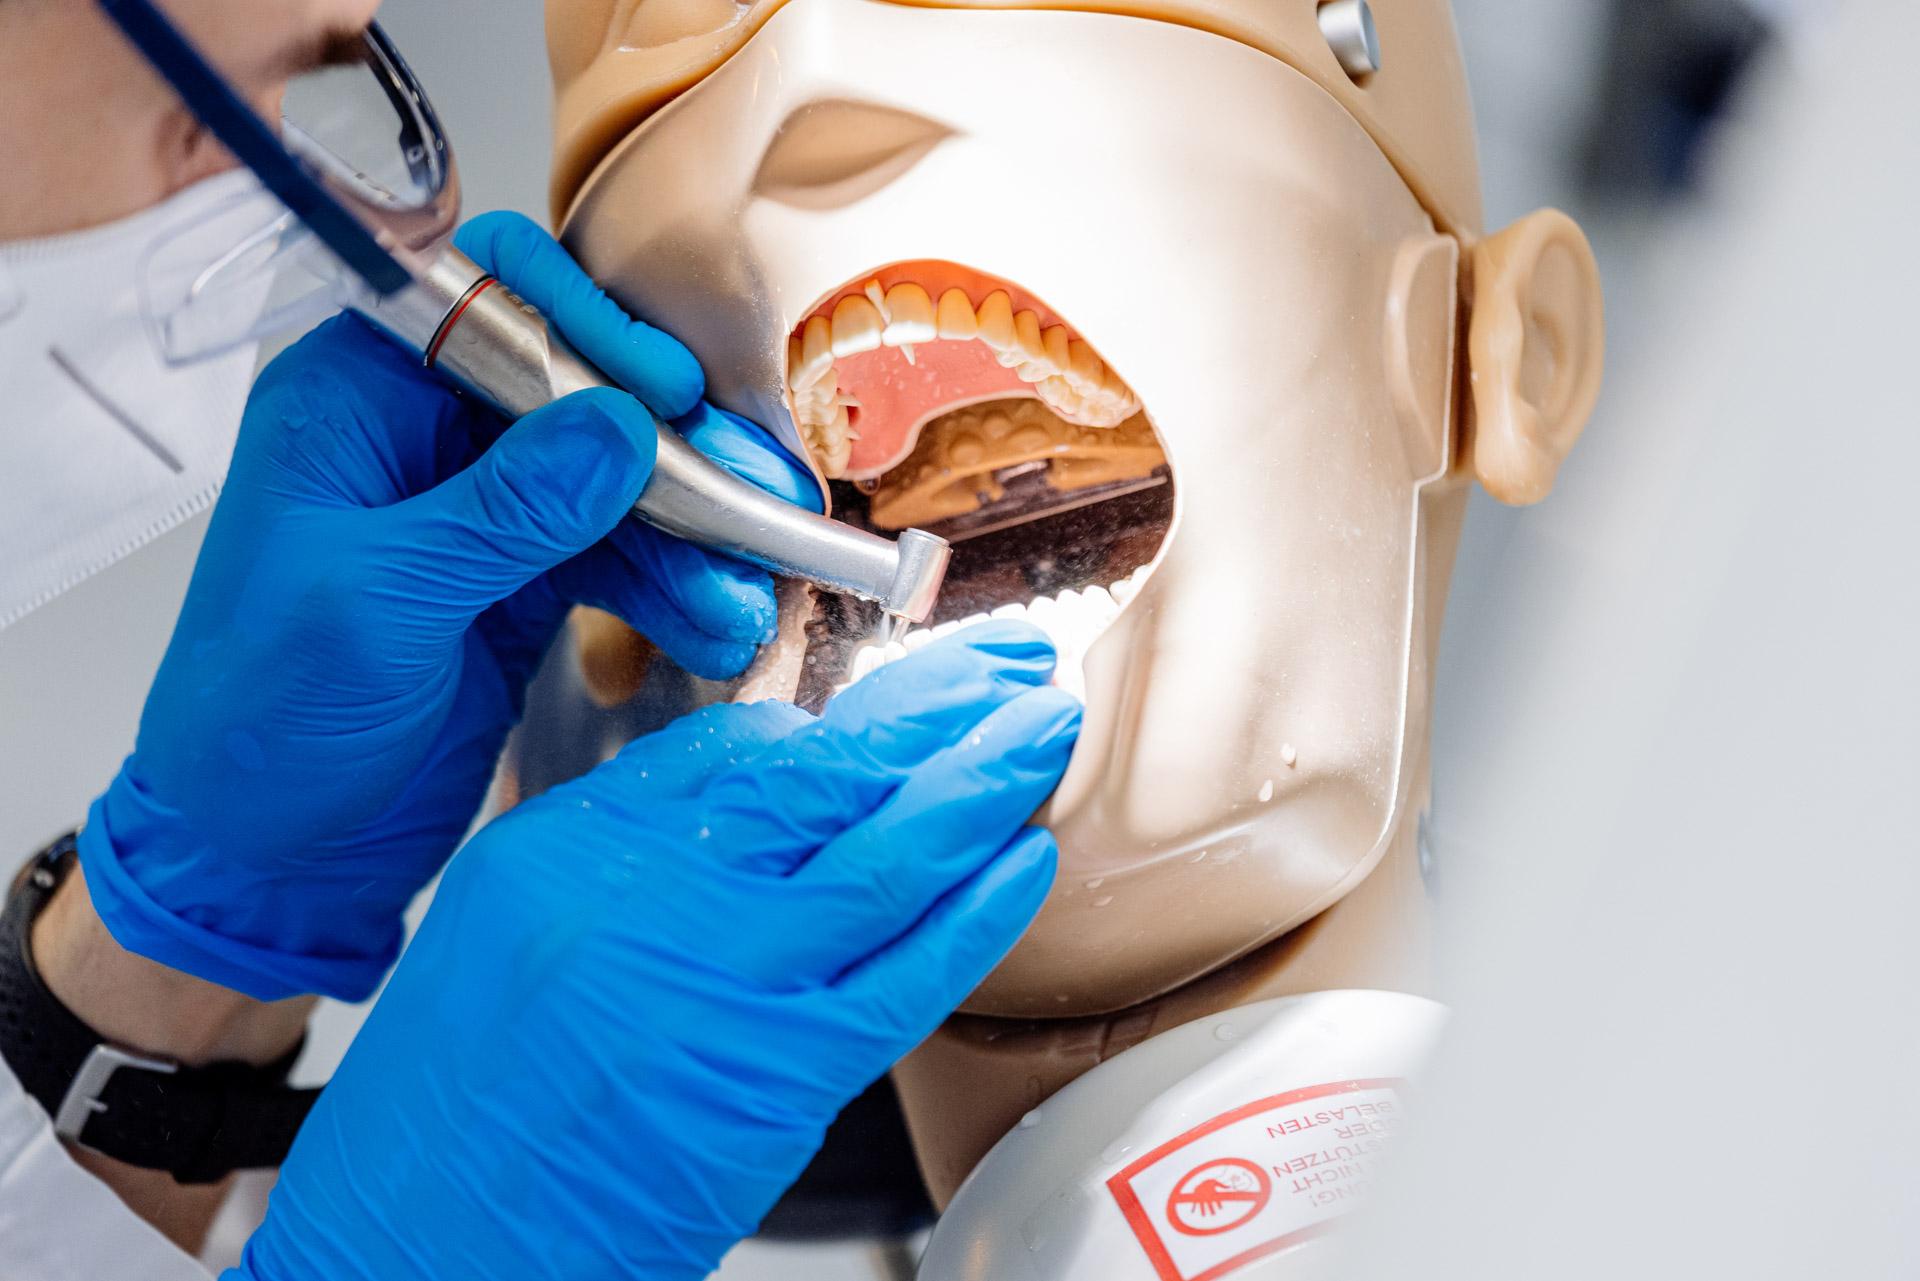 dentist working on dummy